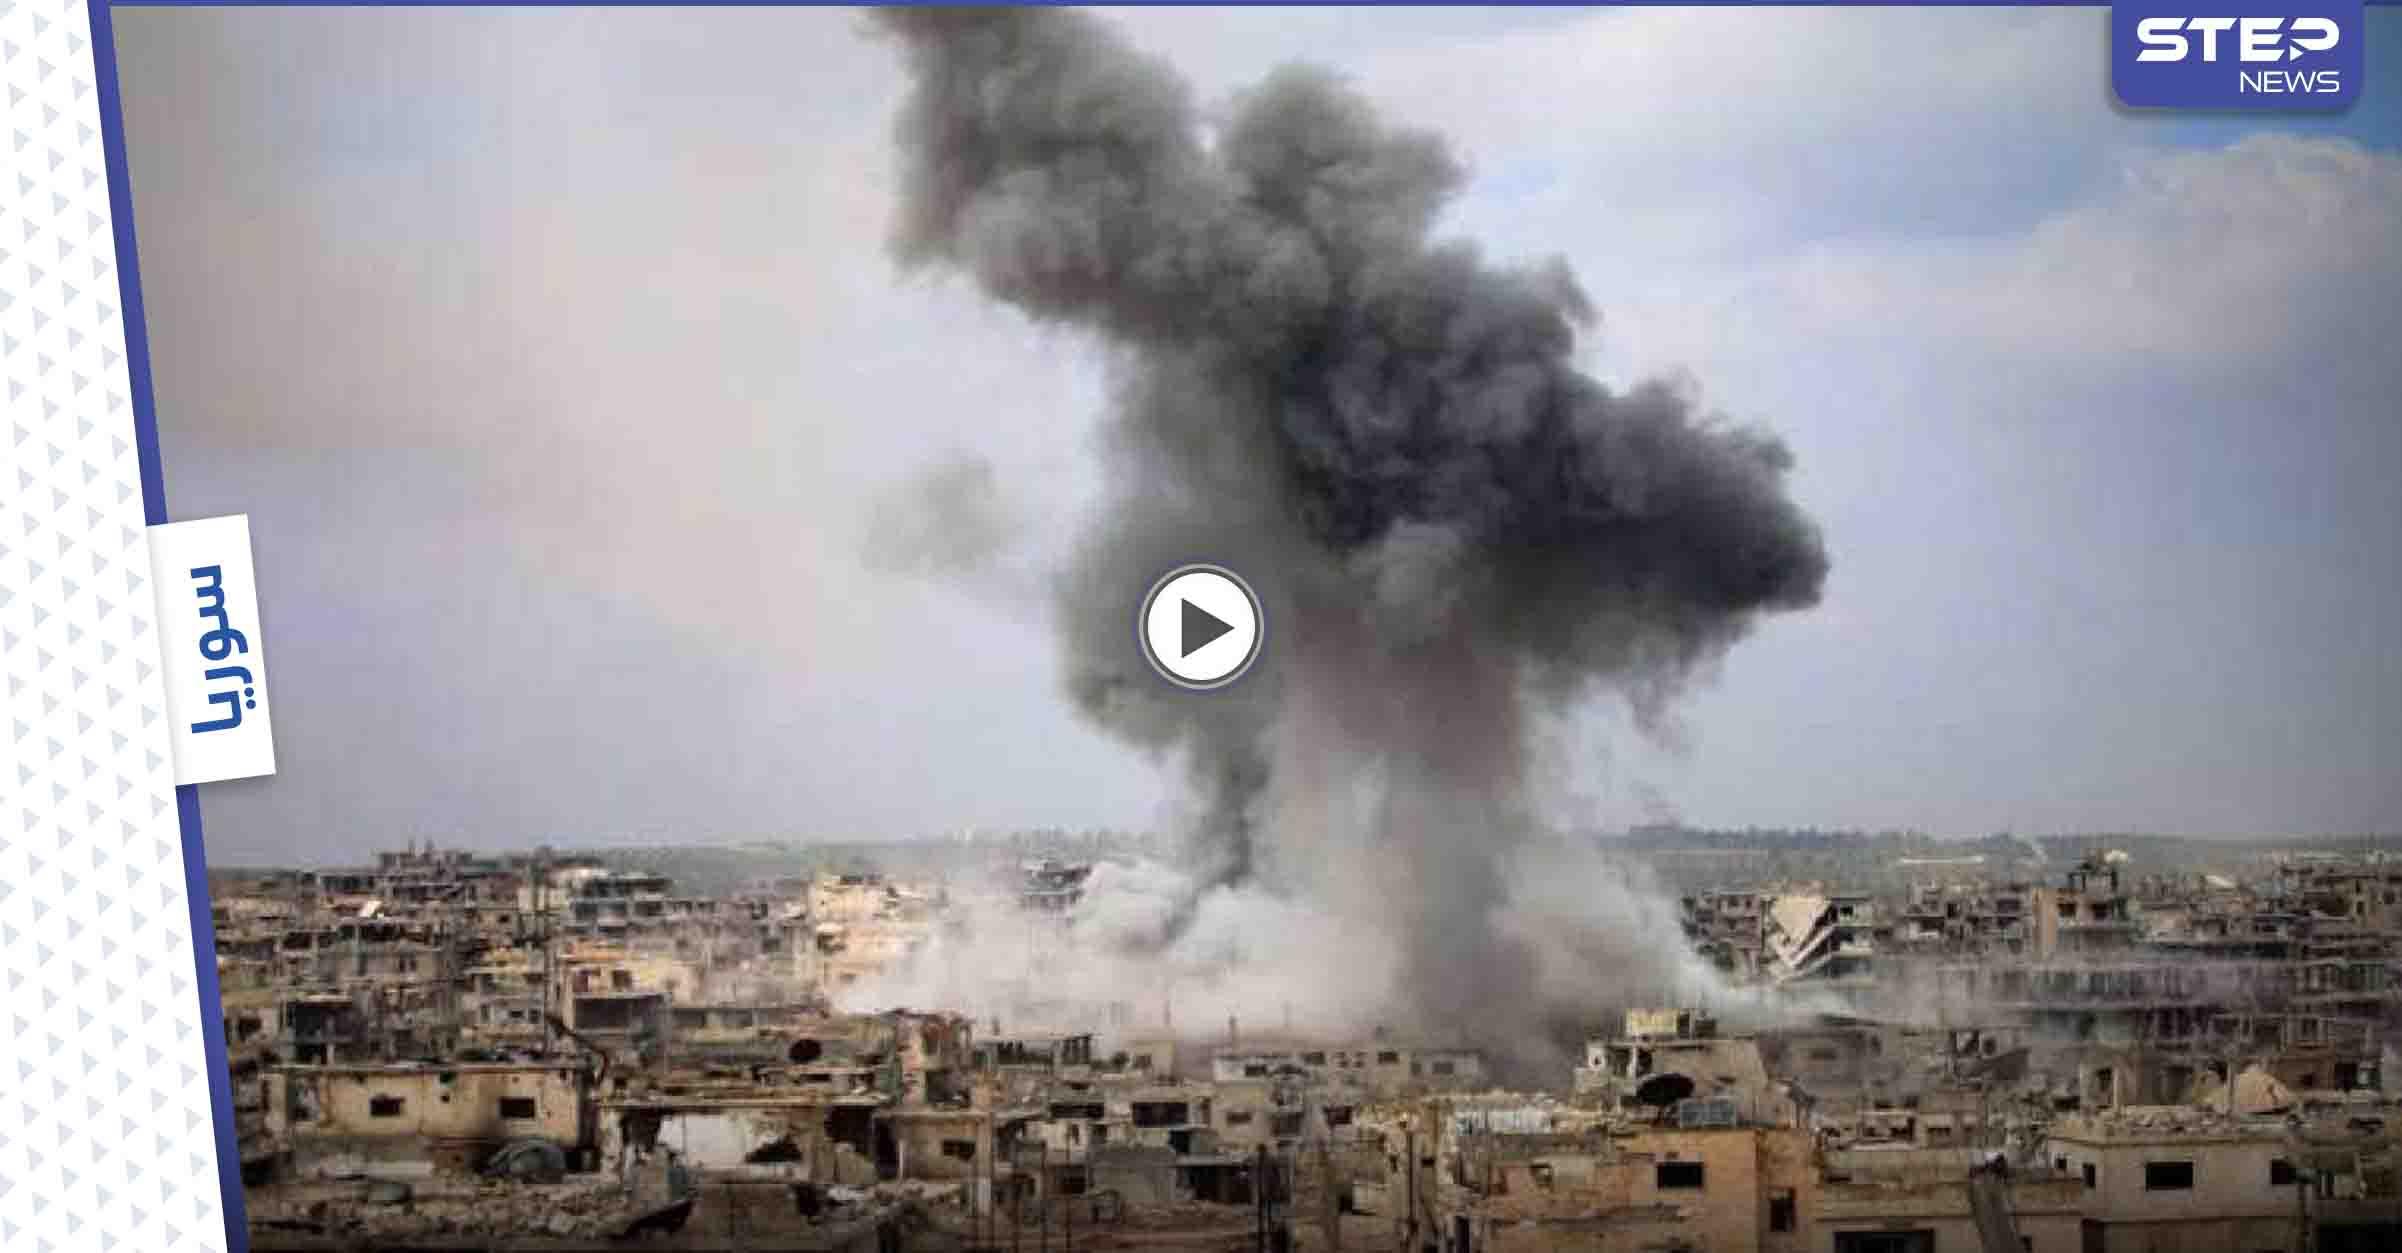 النظام السوري يقصف مجدداً مناطق في إدلب واللاذقية.. وتحركات تركية على خطوط التماس (فيديو)